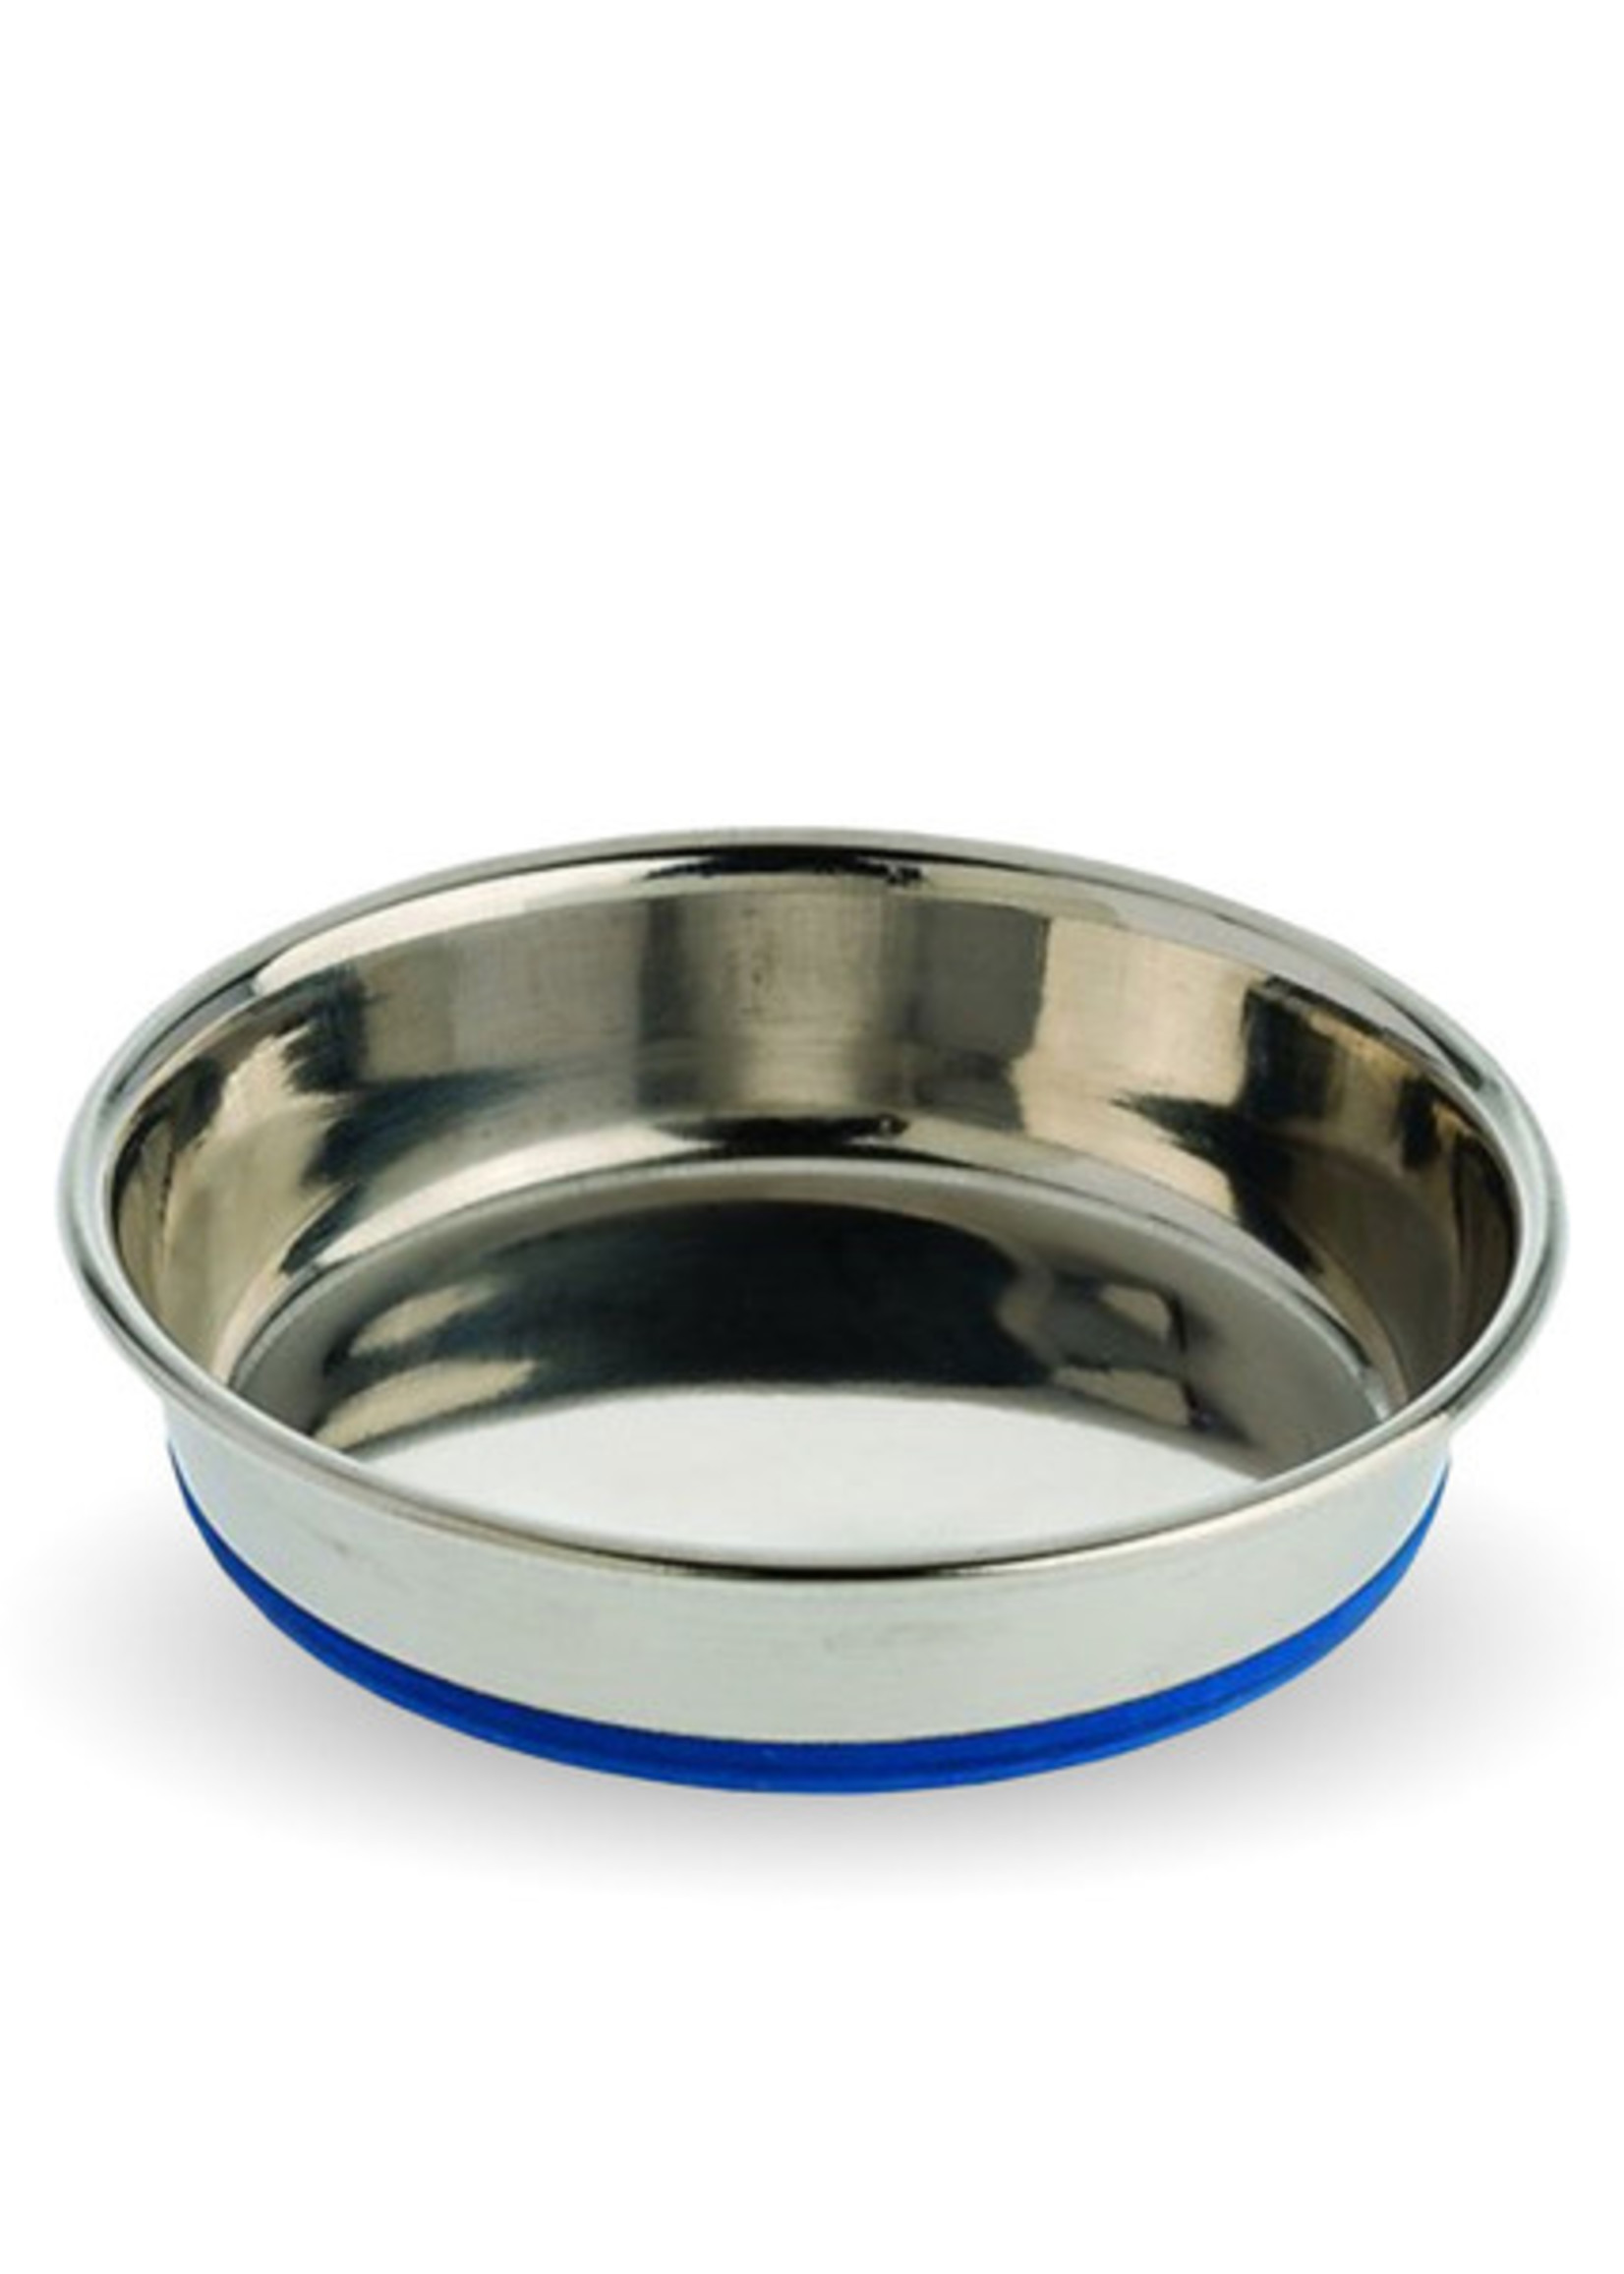 Our Pet's Durapet Durapet SS Cat Dish 16 oz